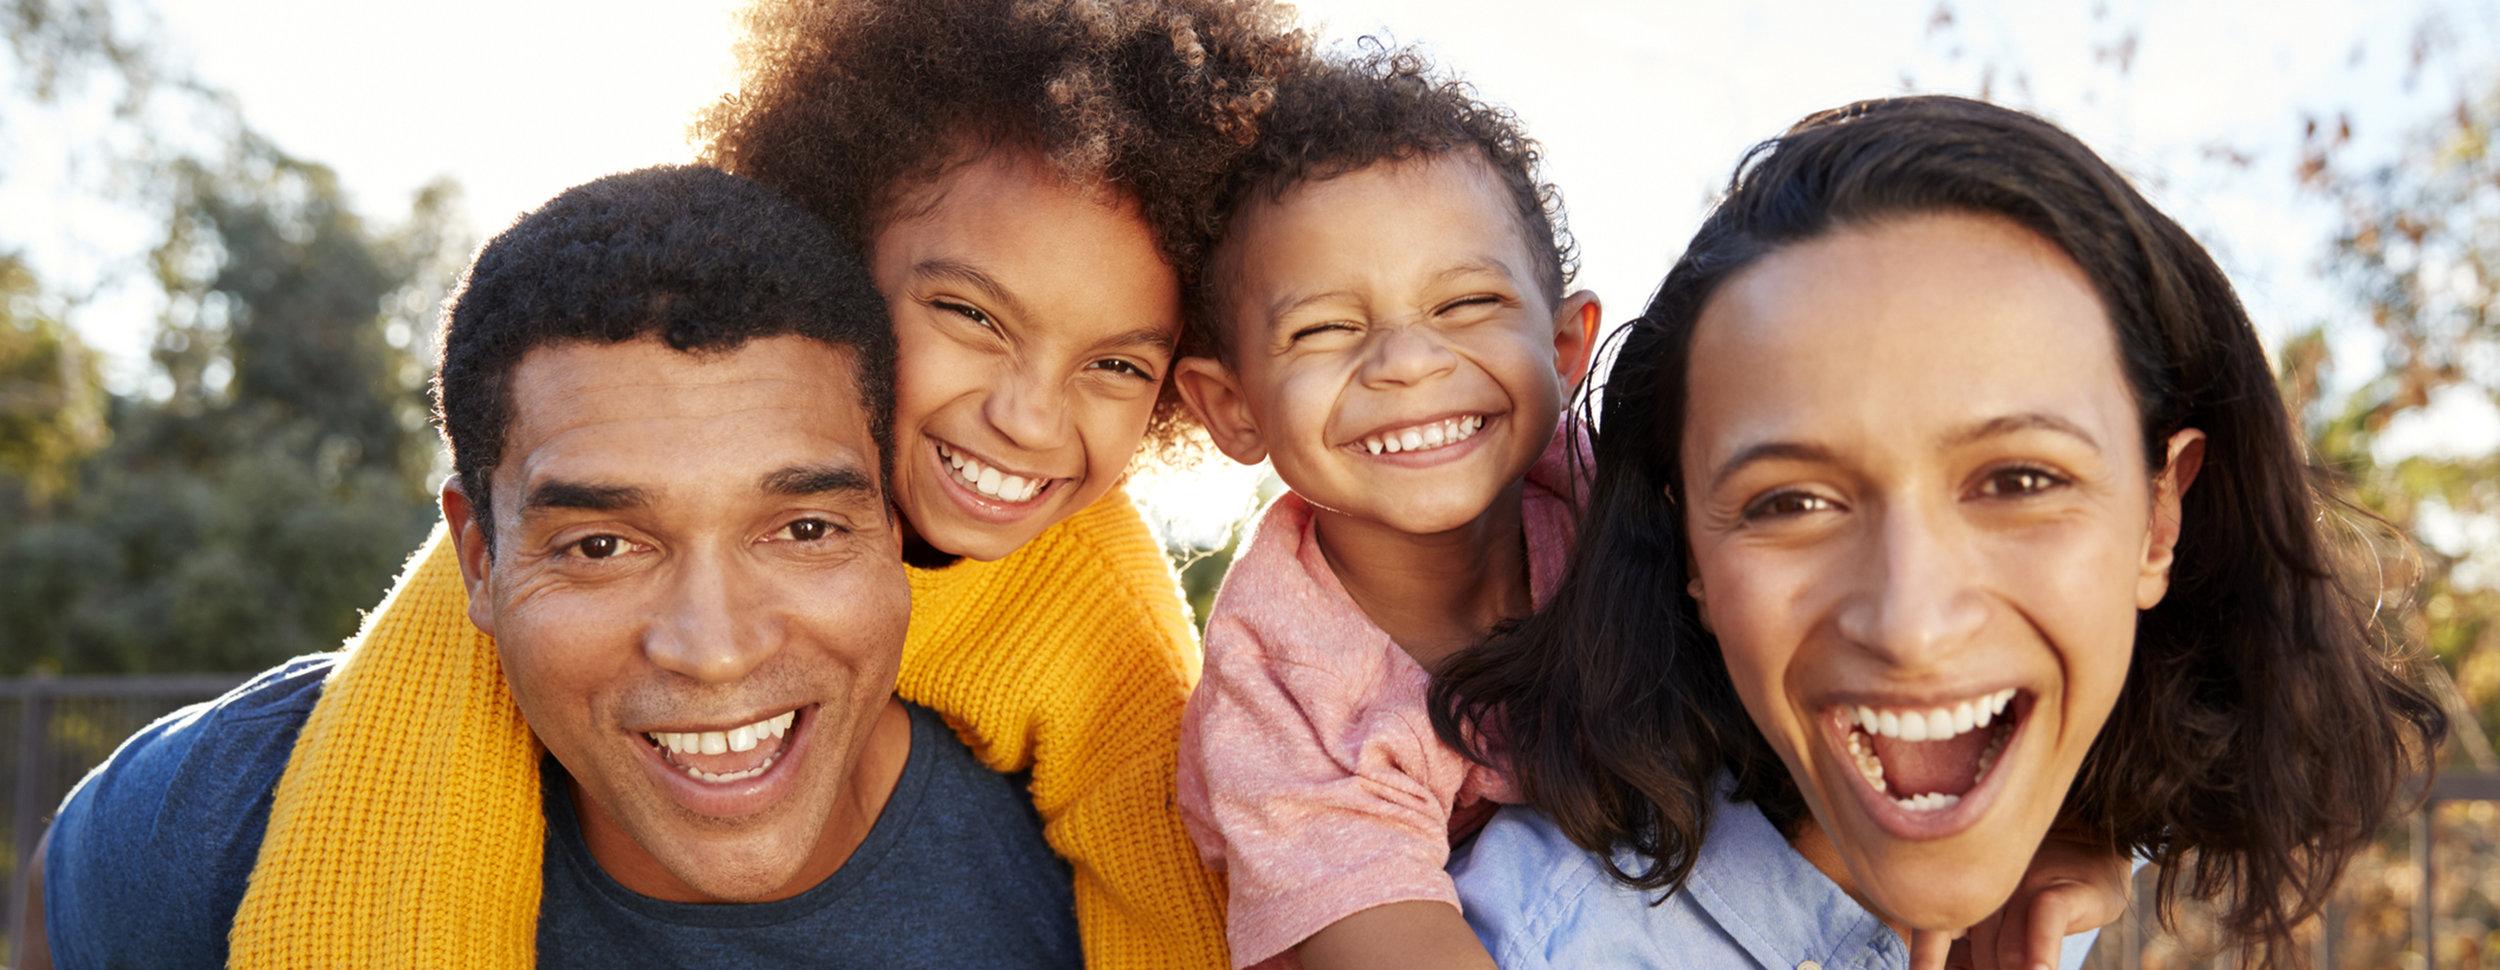 Family Focus.jpg